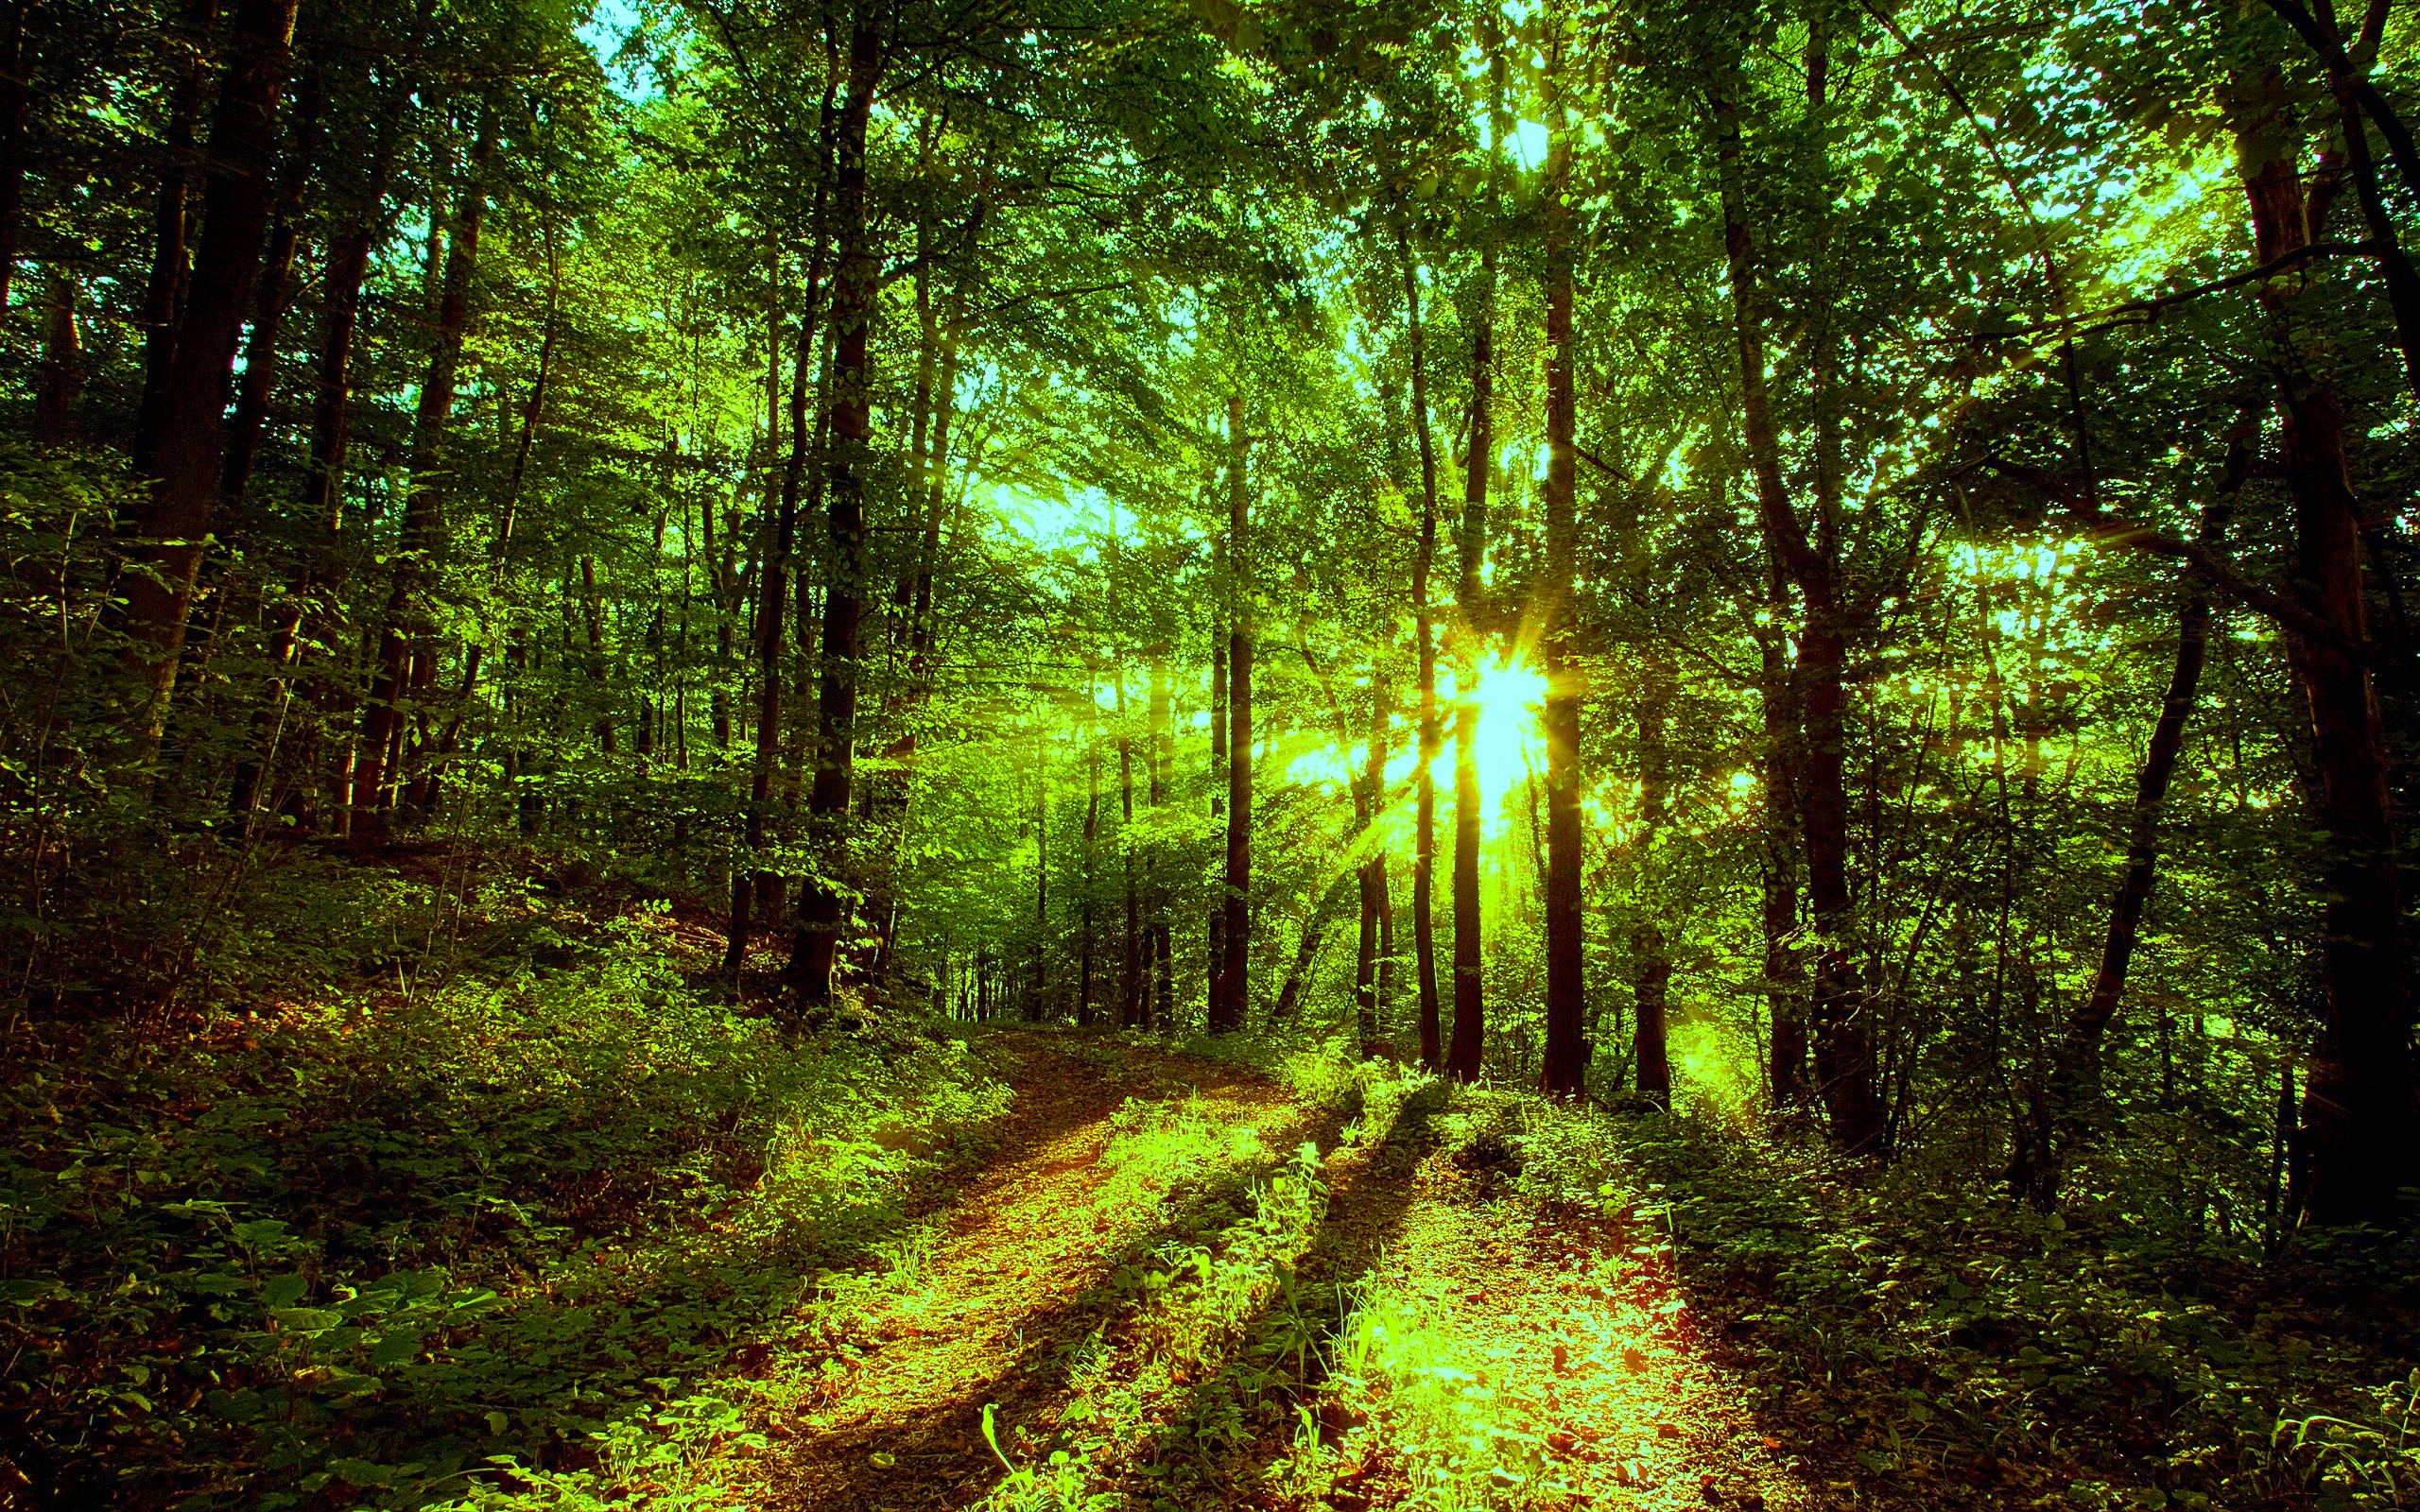 Nature Forest Wallpaper - HD Wallpaper